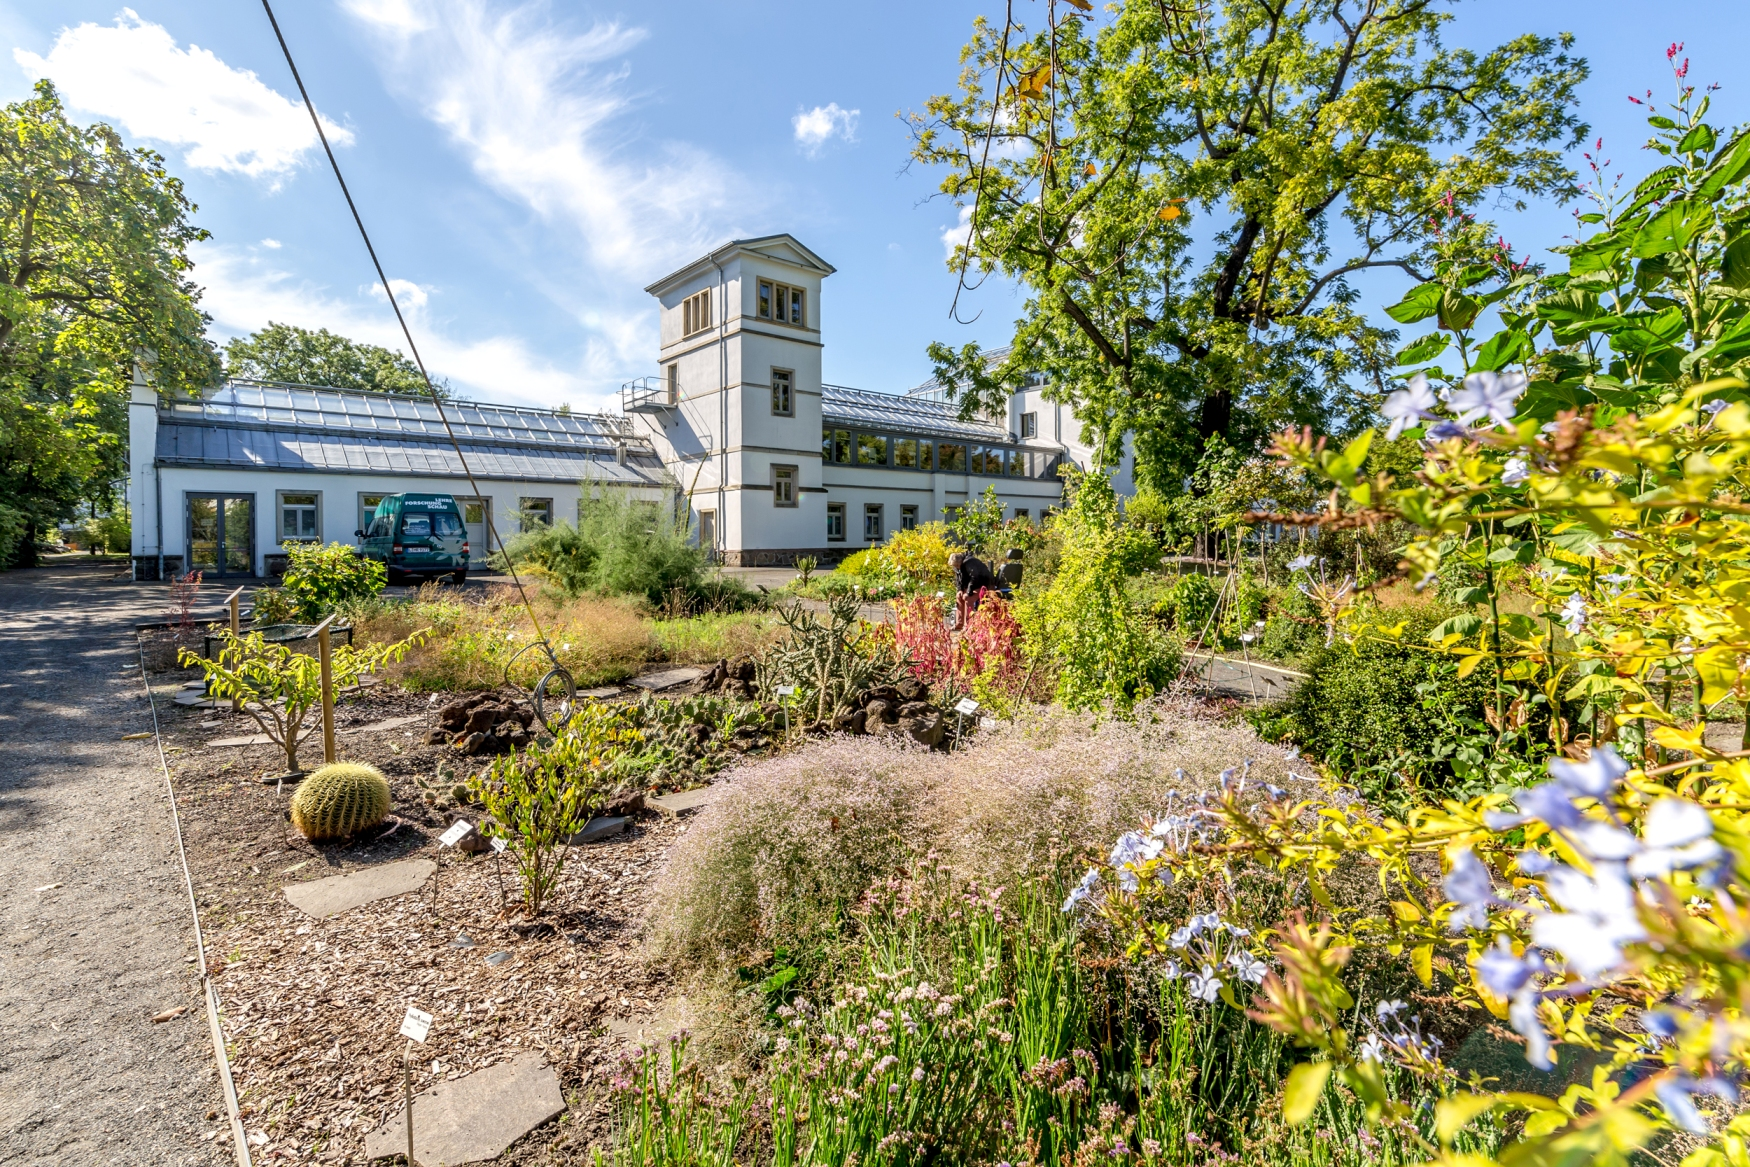 Botanischer Garten Sommer Pflanzen Natur Philipp Kirschner leipzigavel